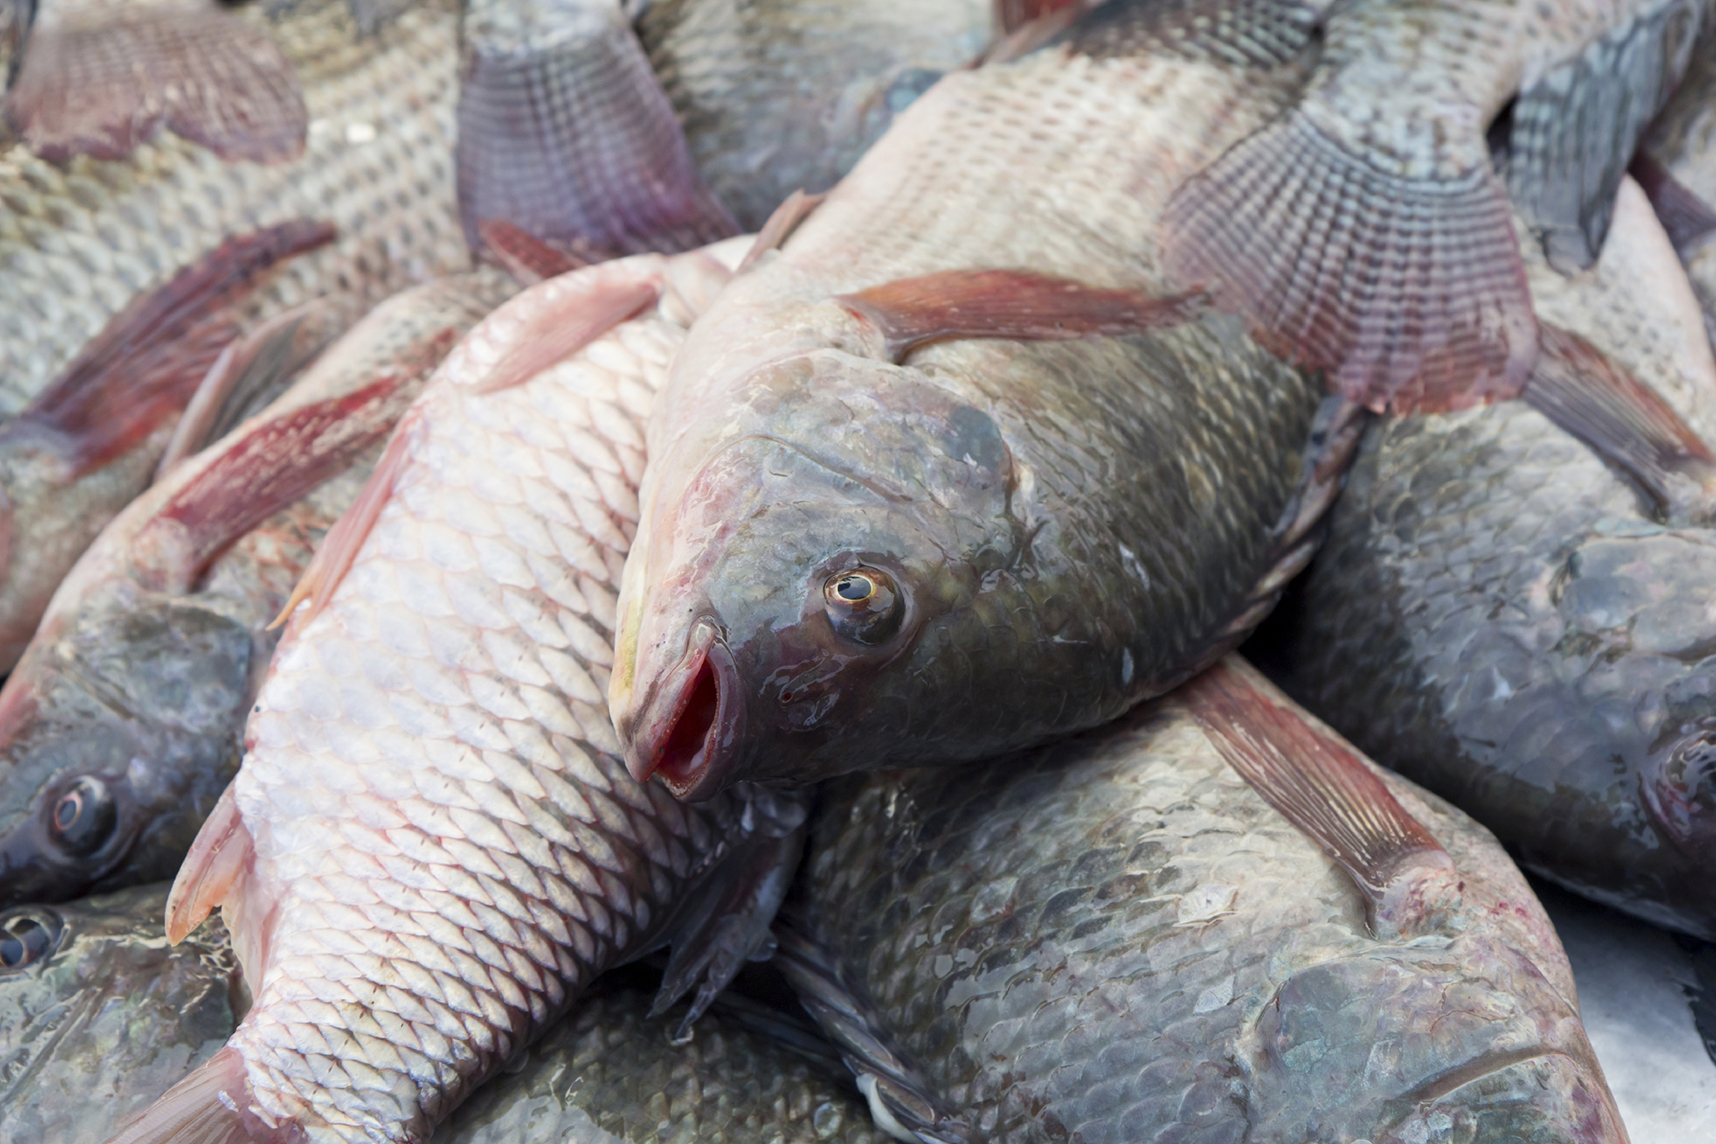 Pesce di allevamento come riconoscerlo for Immagini di pesci disegnati